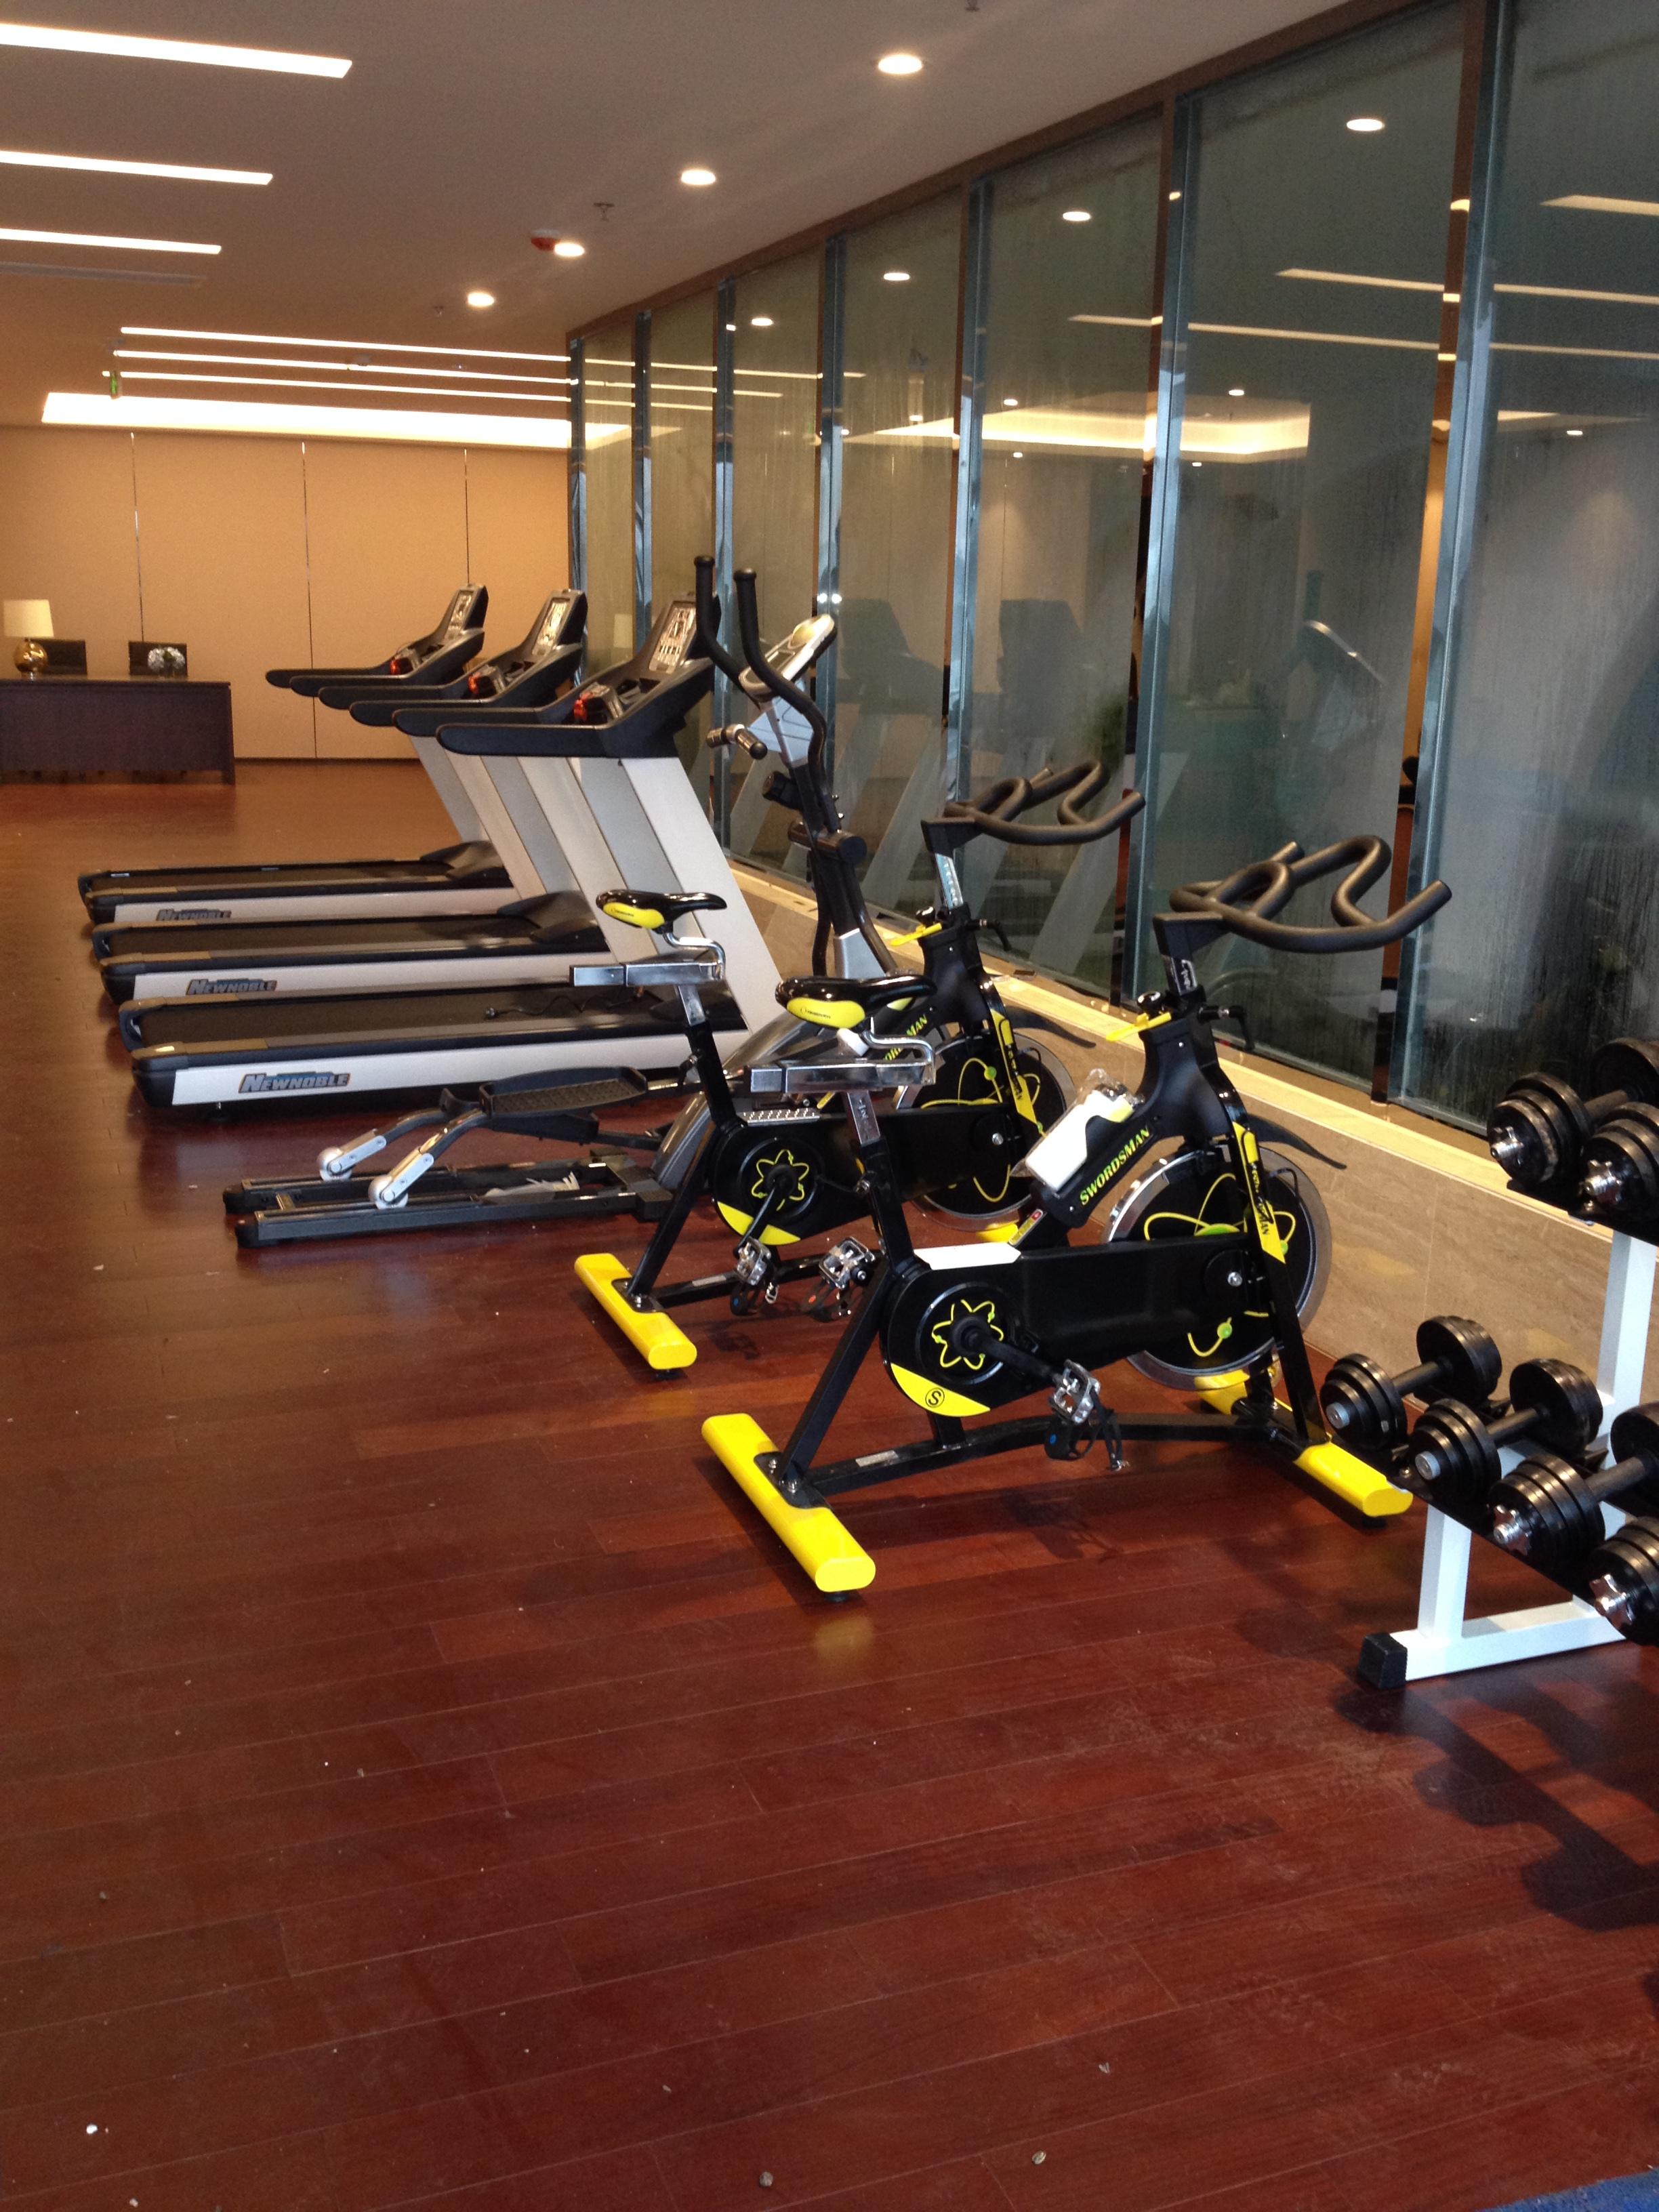 四川成都亿健跑步机健身器材专卖店椭圆机按摩椅动感单车乒乓球桌台球